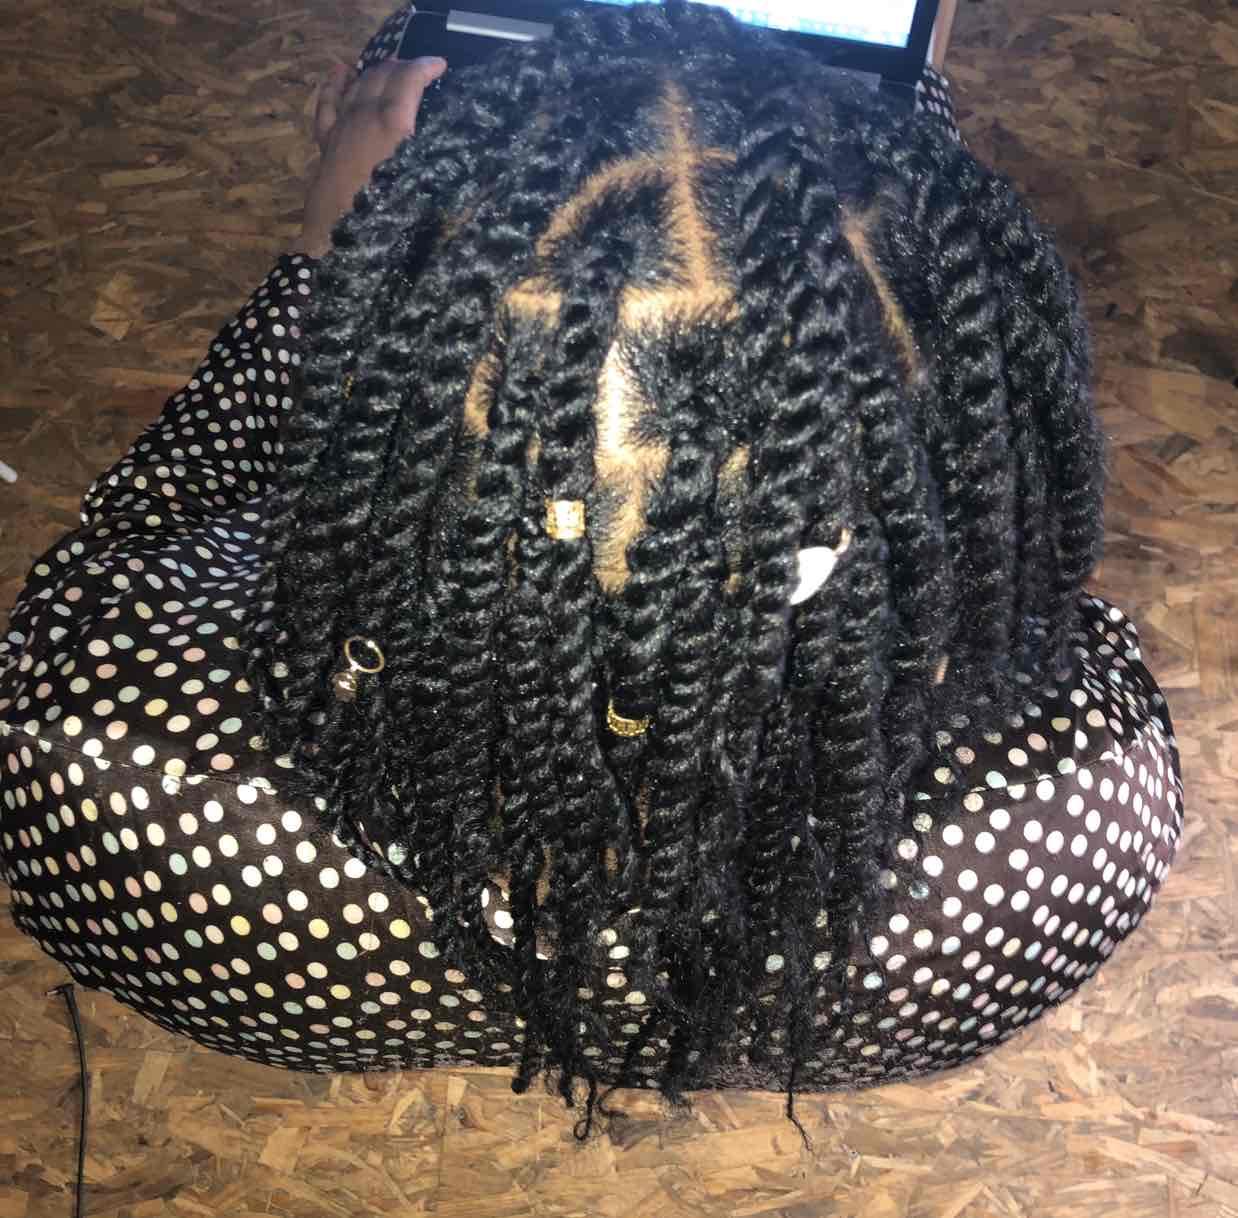 salon de coiffure afro tresse tresses box braids crochet braids vanilles tissages paris 75 77 78 91 92 93 94 95 KGMWFBGL